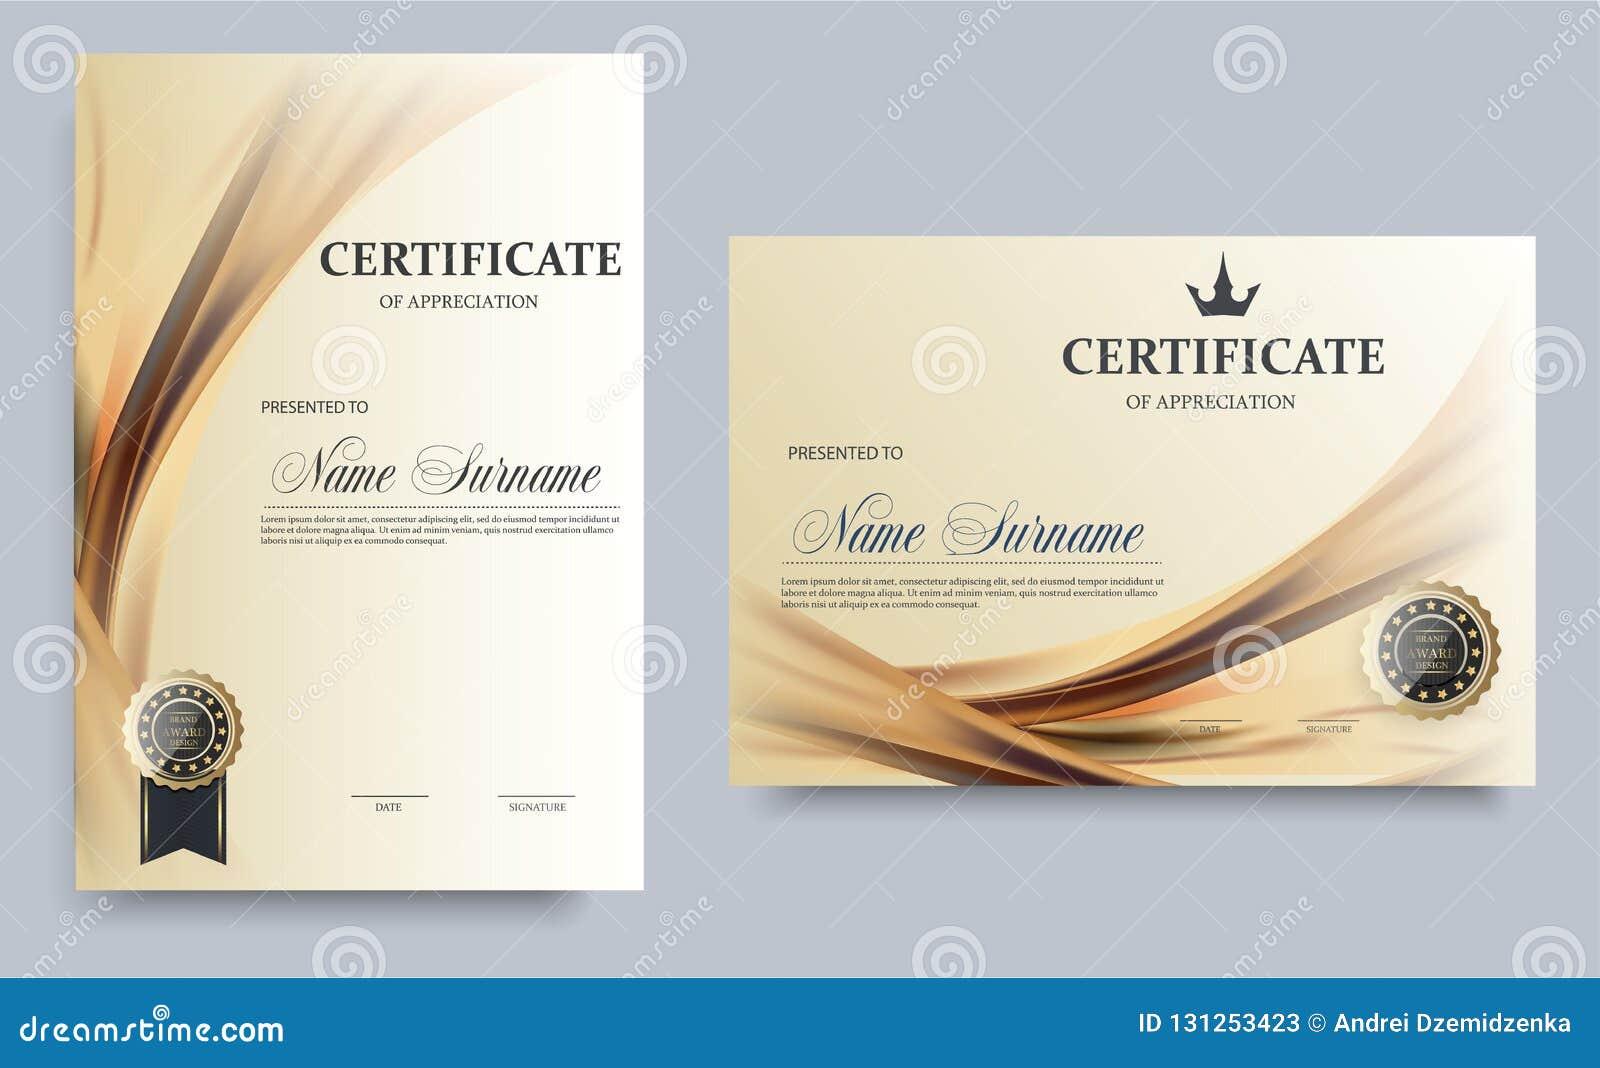 Certificaatsjabloon in vector voor de voltooiing van de voltooiingsgraduatie - voorraadvector